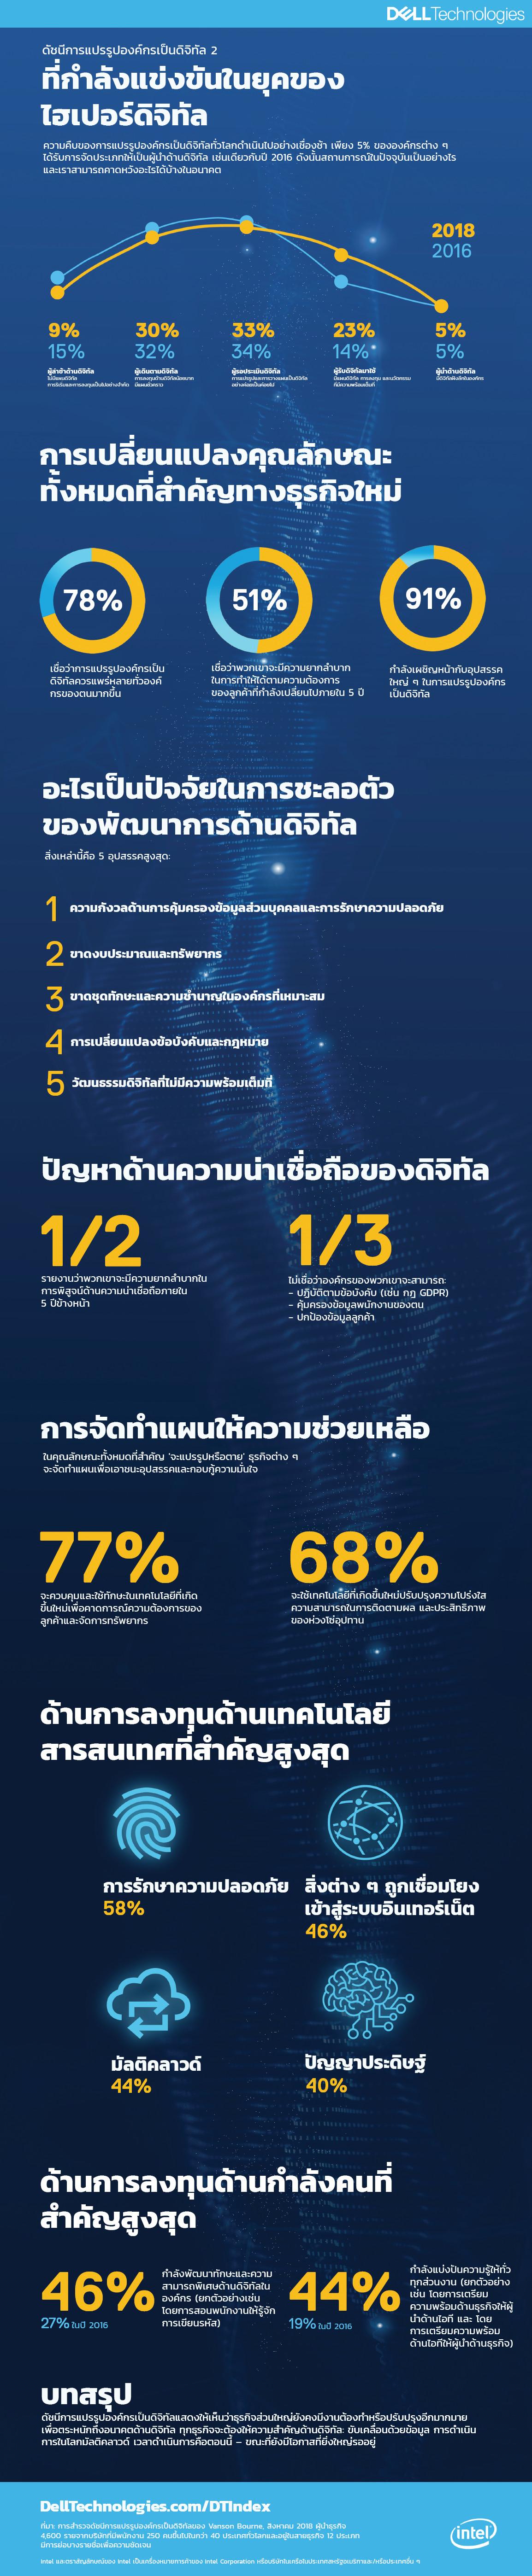 infographic dt index ii เดลล์ เทคโนโลยีส์ เผยผลวิจัยใหม่: ผู้นำทางธุรกิจชี้ความล่าช้าที่สำคัญในการปฏิรูปทางดิจิทัลทั่วโลก